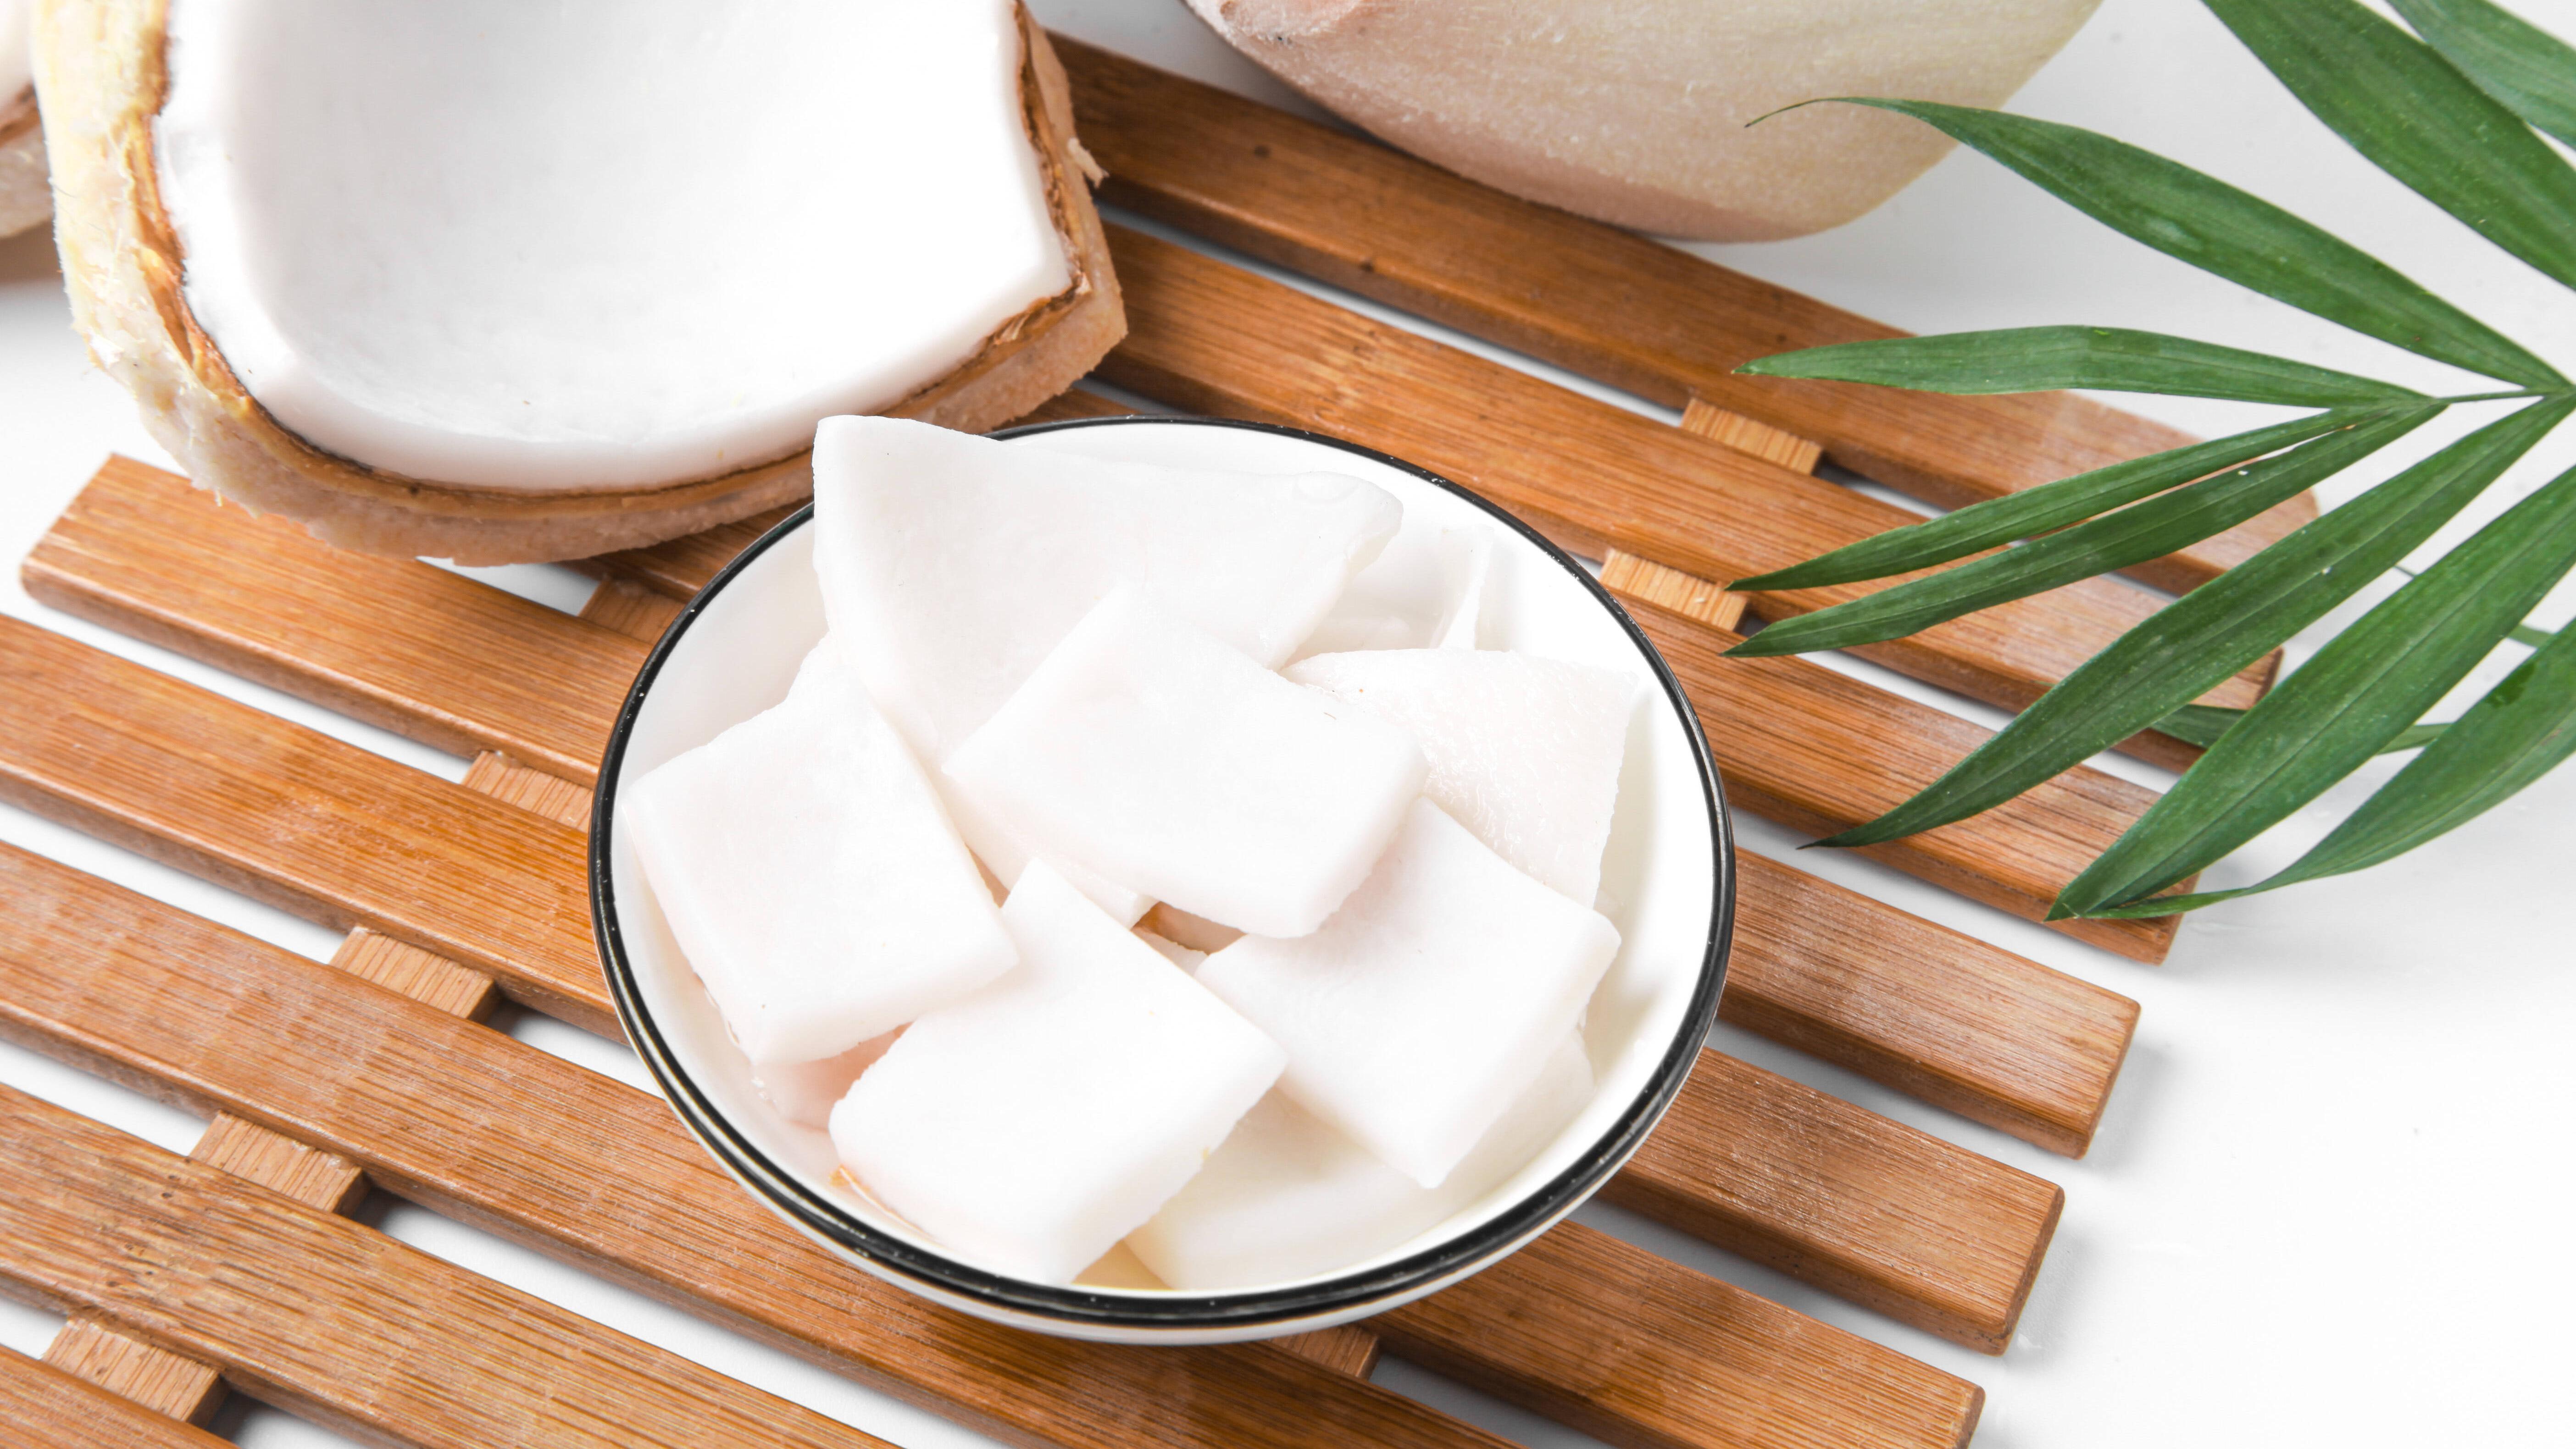 Kokosnuss aufbewahren: So lagern Sie sie richtig